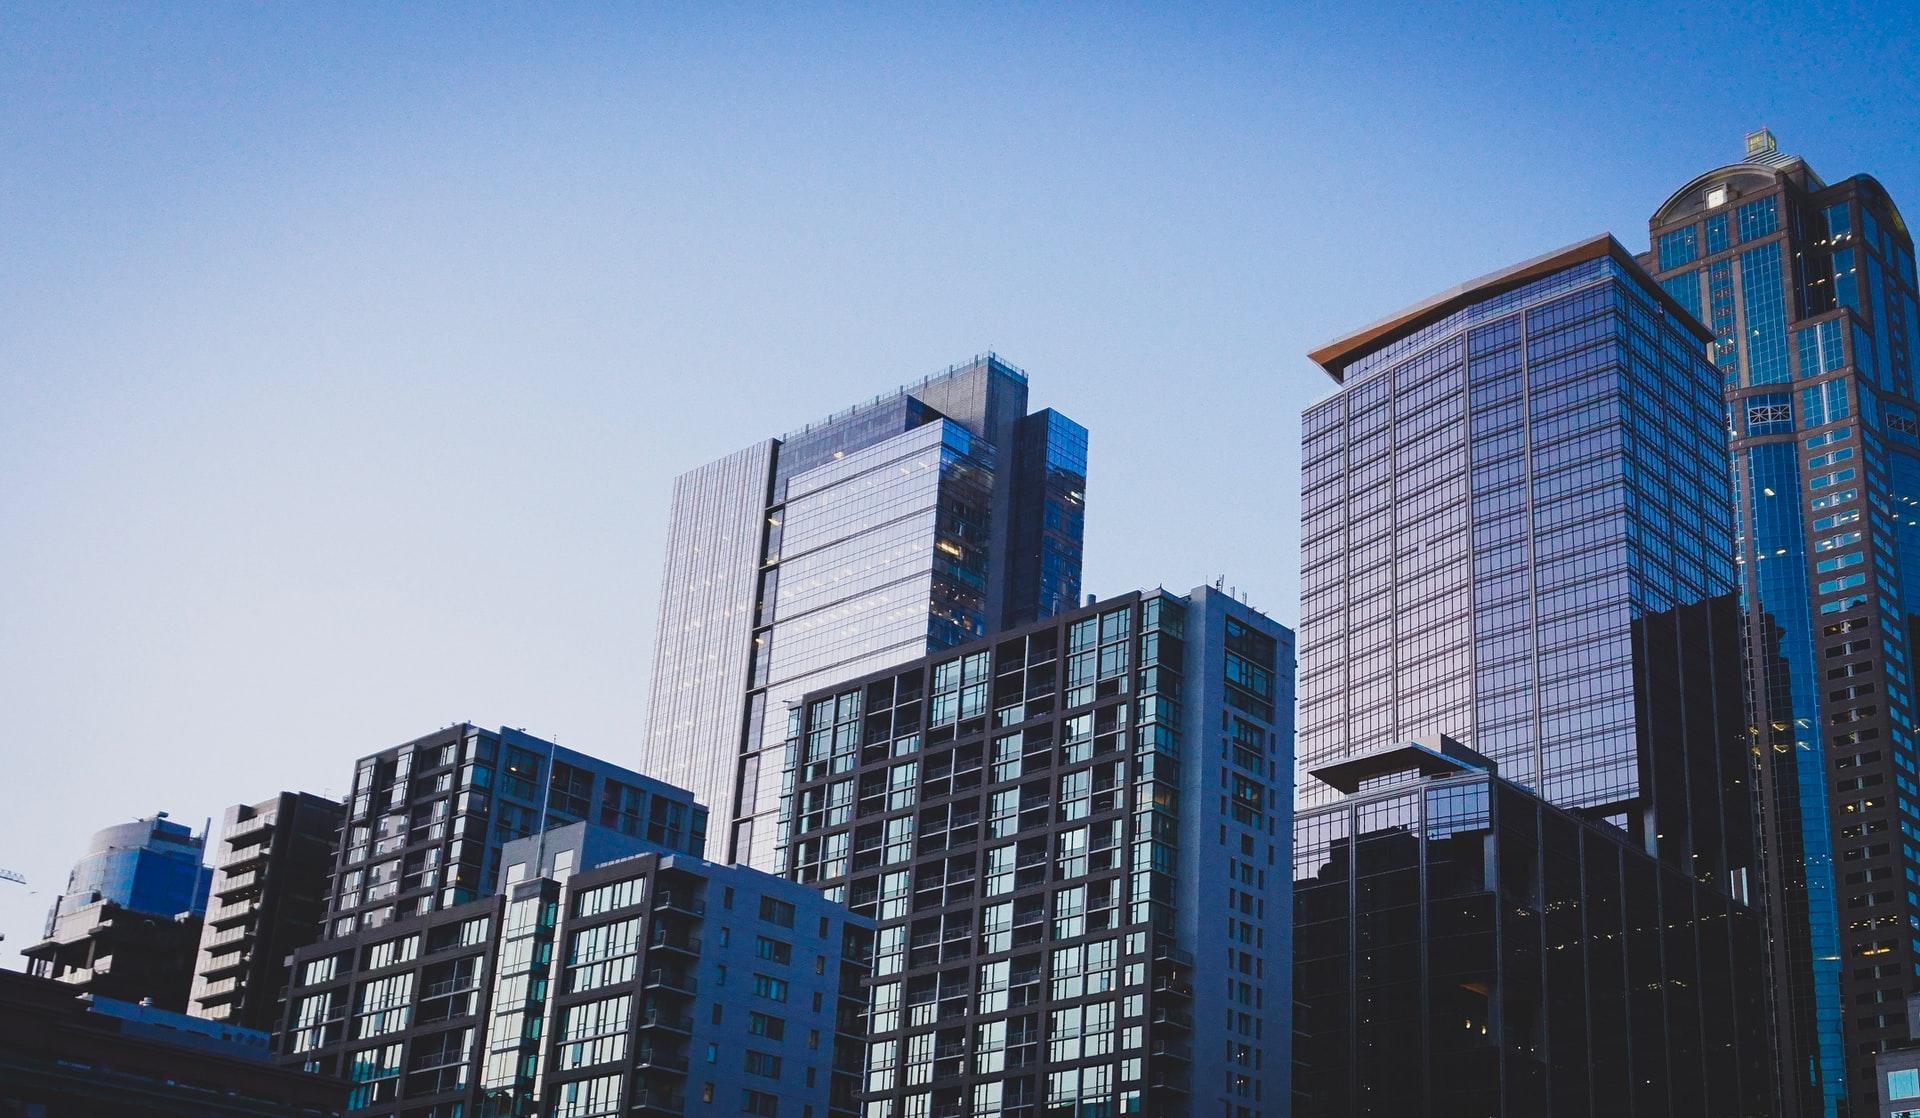 路透社最新调查显示:今年全球房地产市场将出现飙升